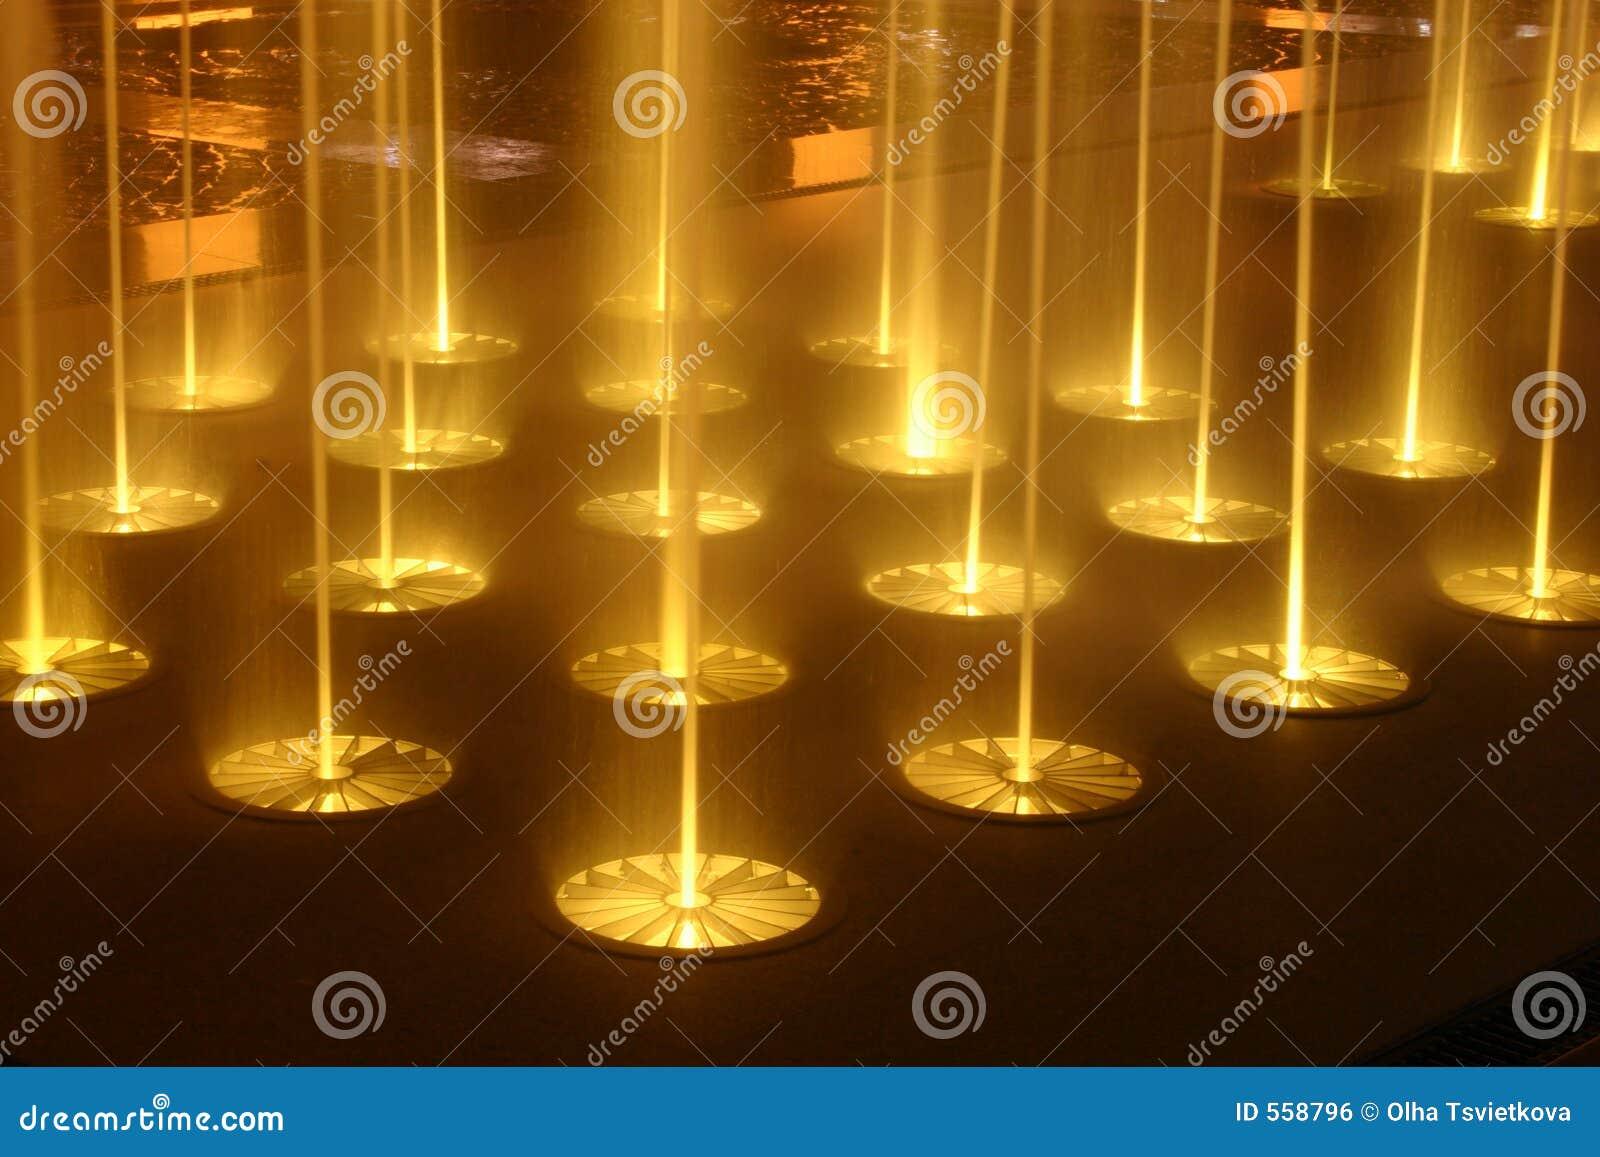 Fontaines de nuit horizontal